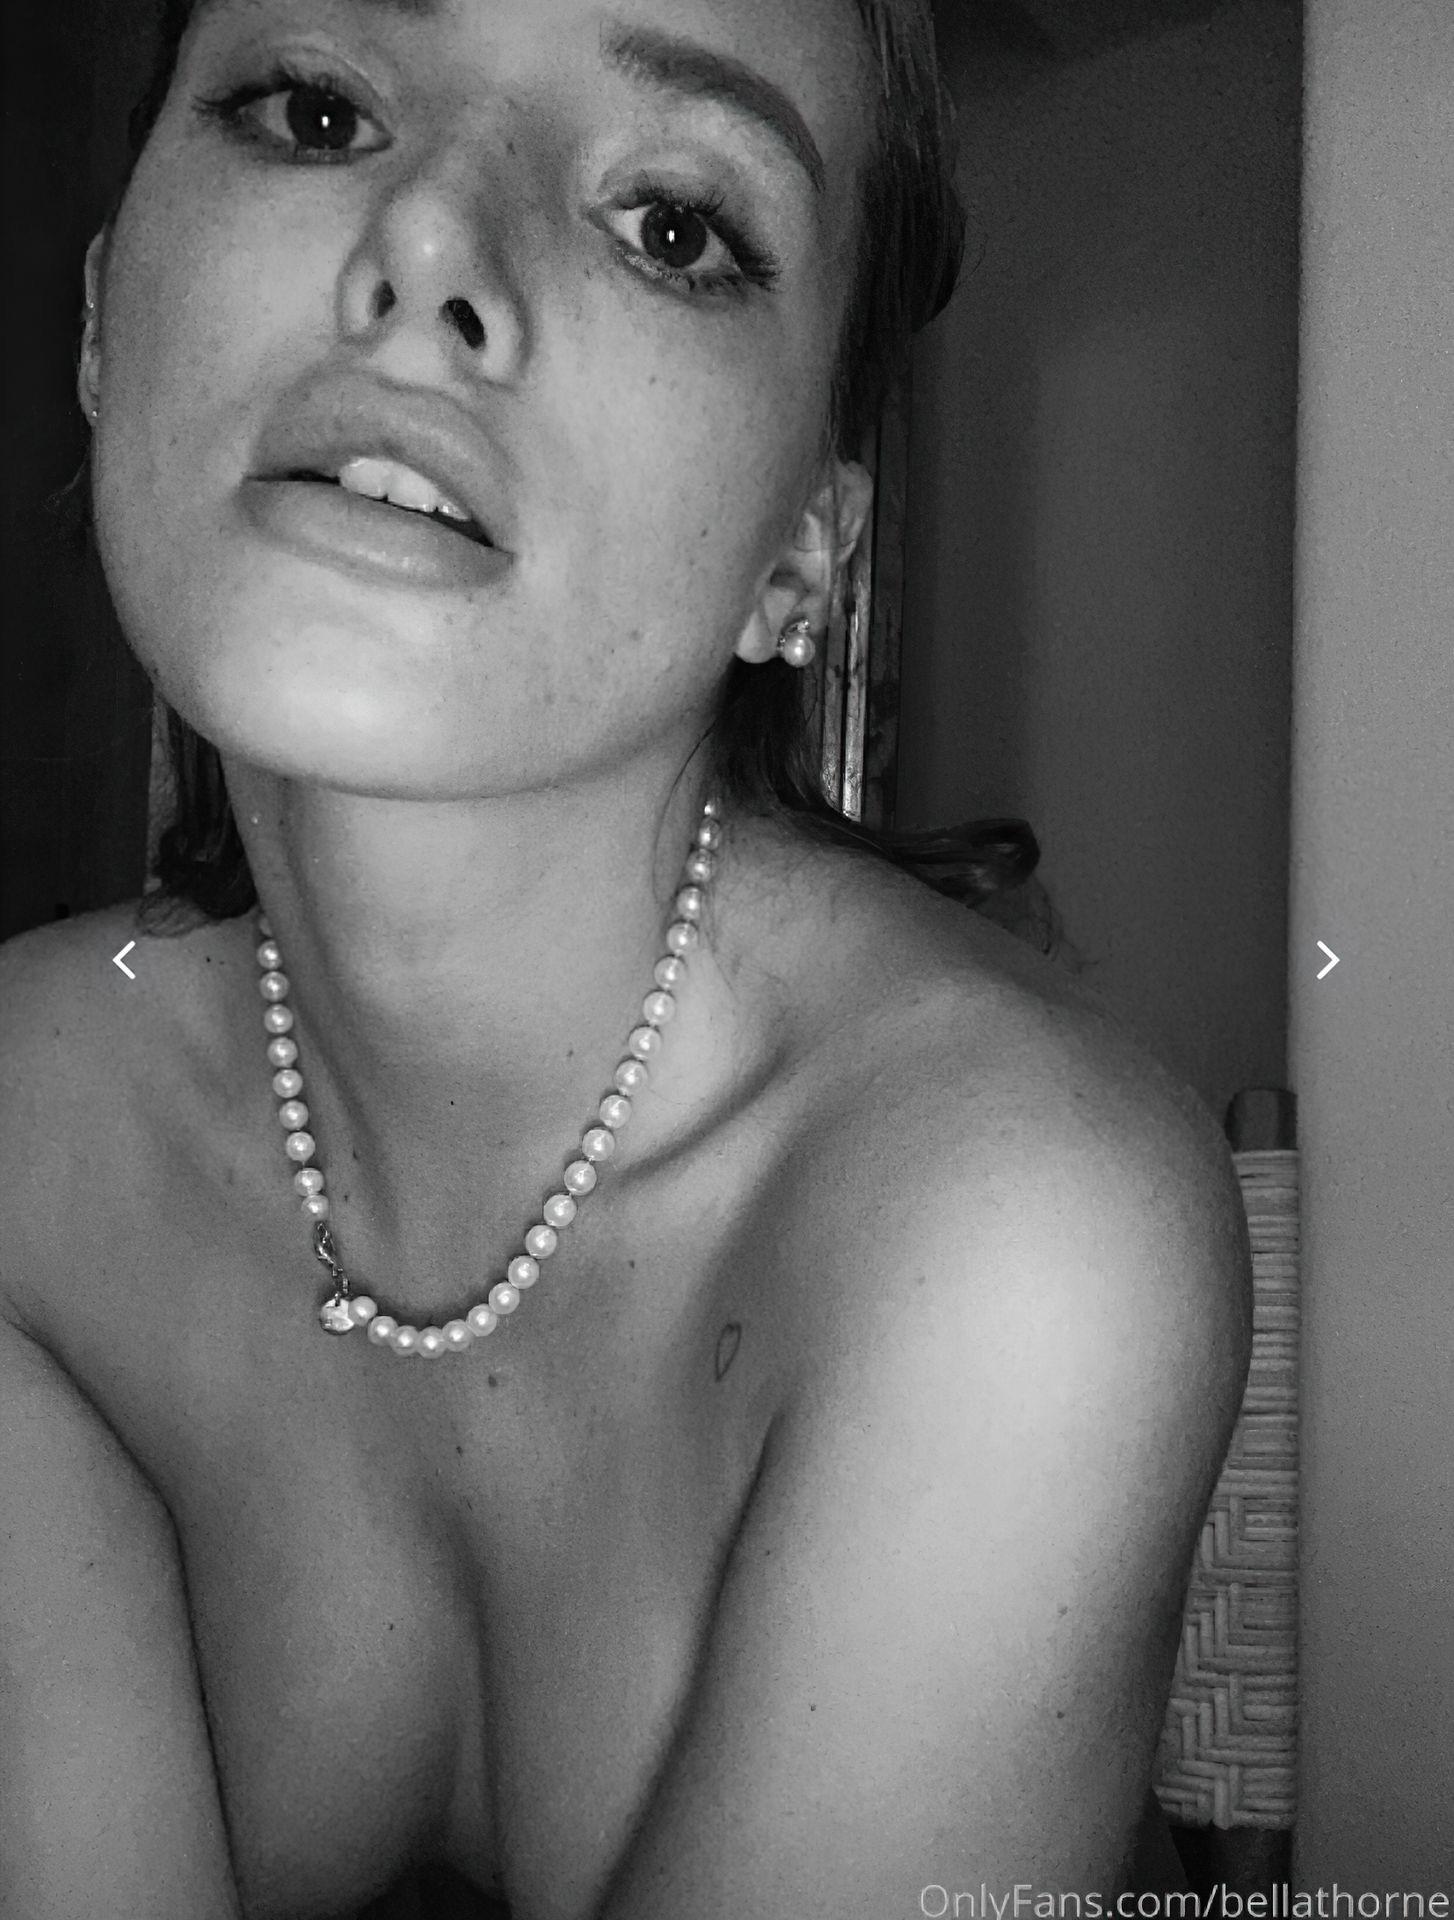 Bella Thorne, Bellathorne, Onlyfans 0007